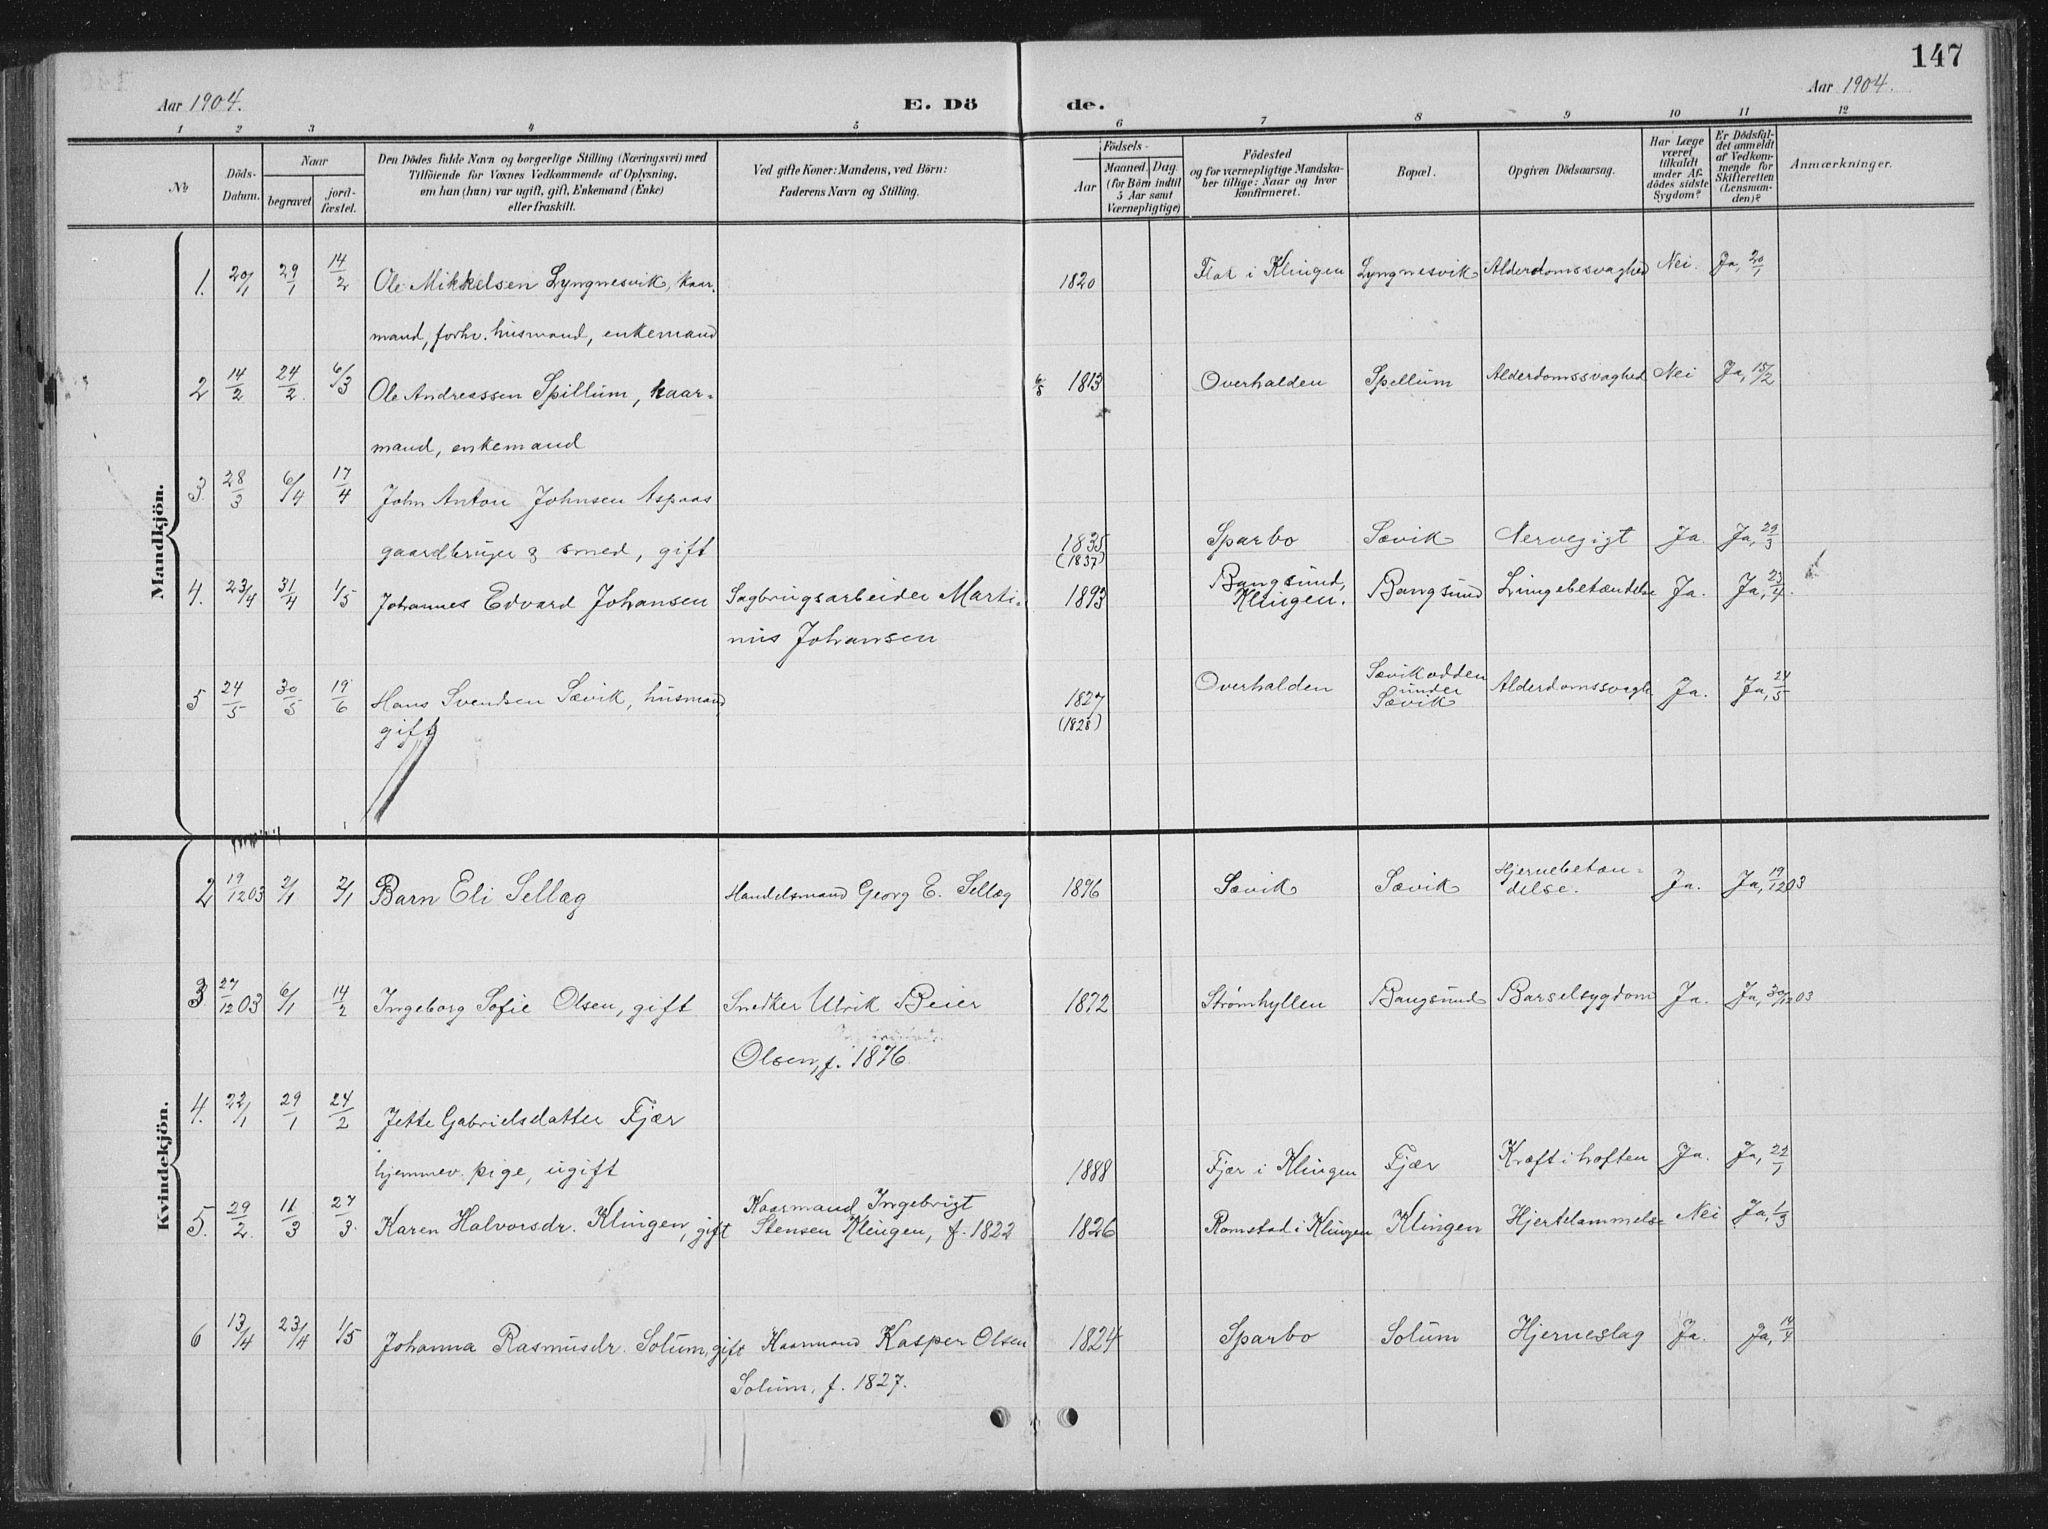 SAT, Ministerialprotokoller, klokkerbøker og fødselsregistre - Nord-Trøndelag, 770/L0591: Klokkerbok nr. 770C02, 1902-1940, s. 147